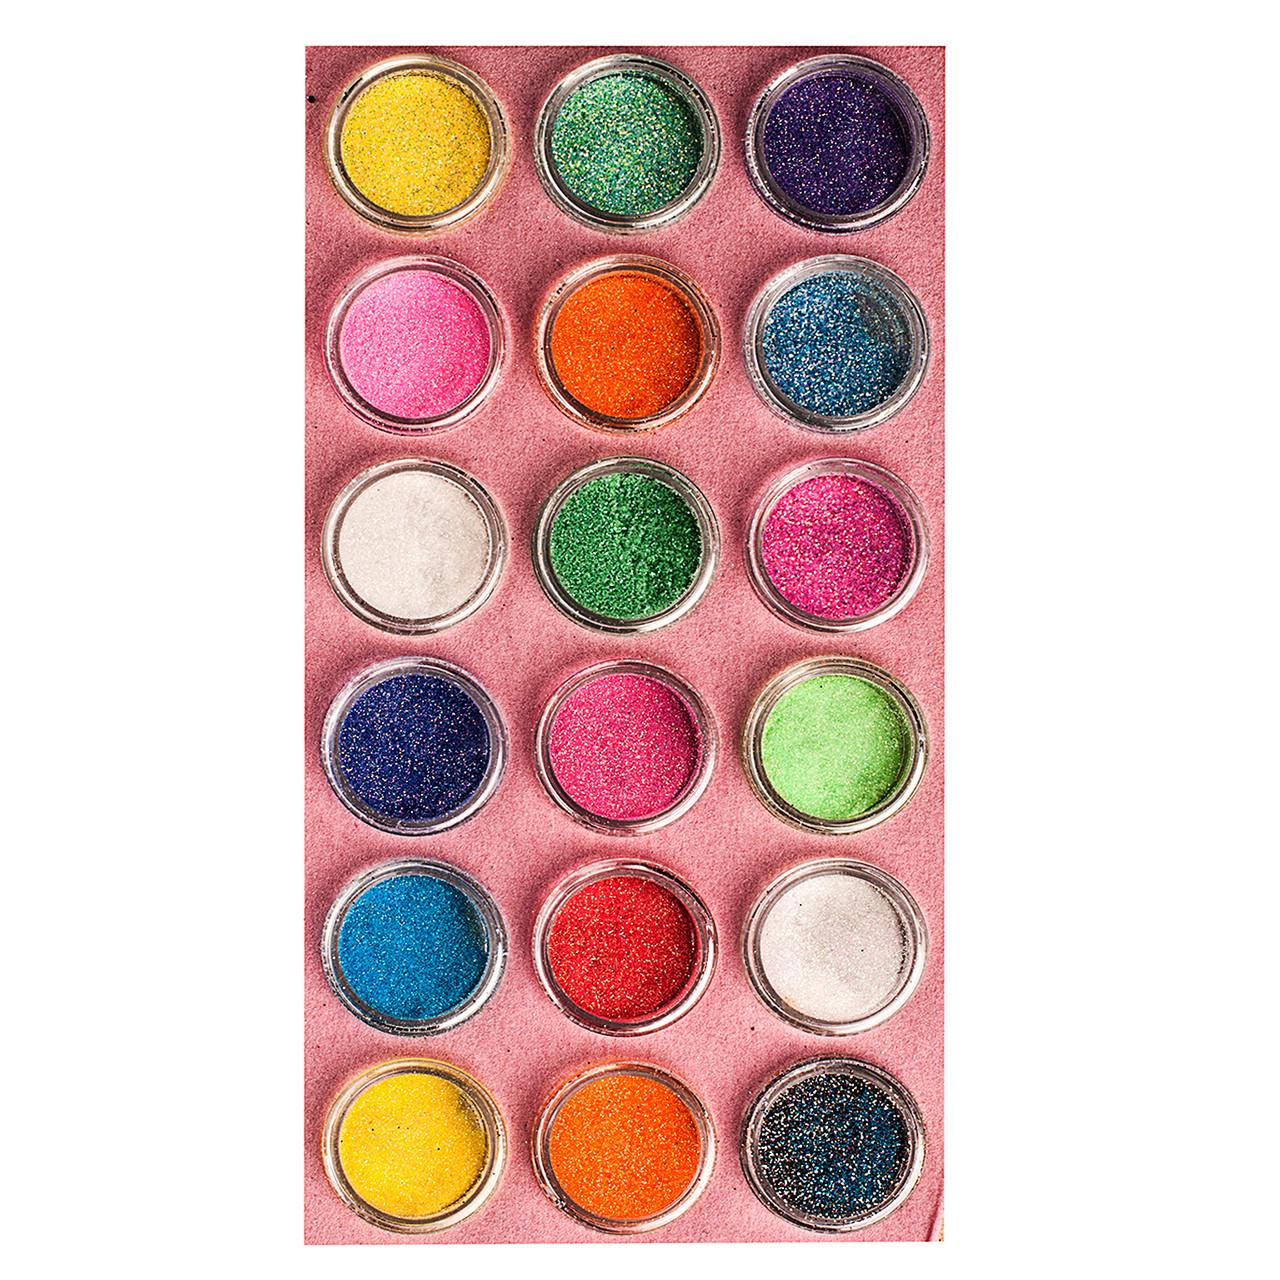 Большой набор цветного песка для дизайна ногтей, 18 цветов  - Магия Красоты в Одесской области